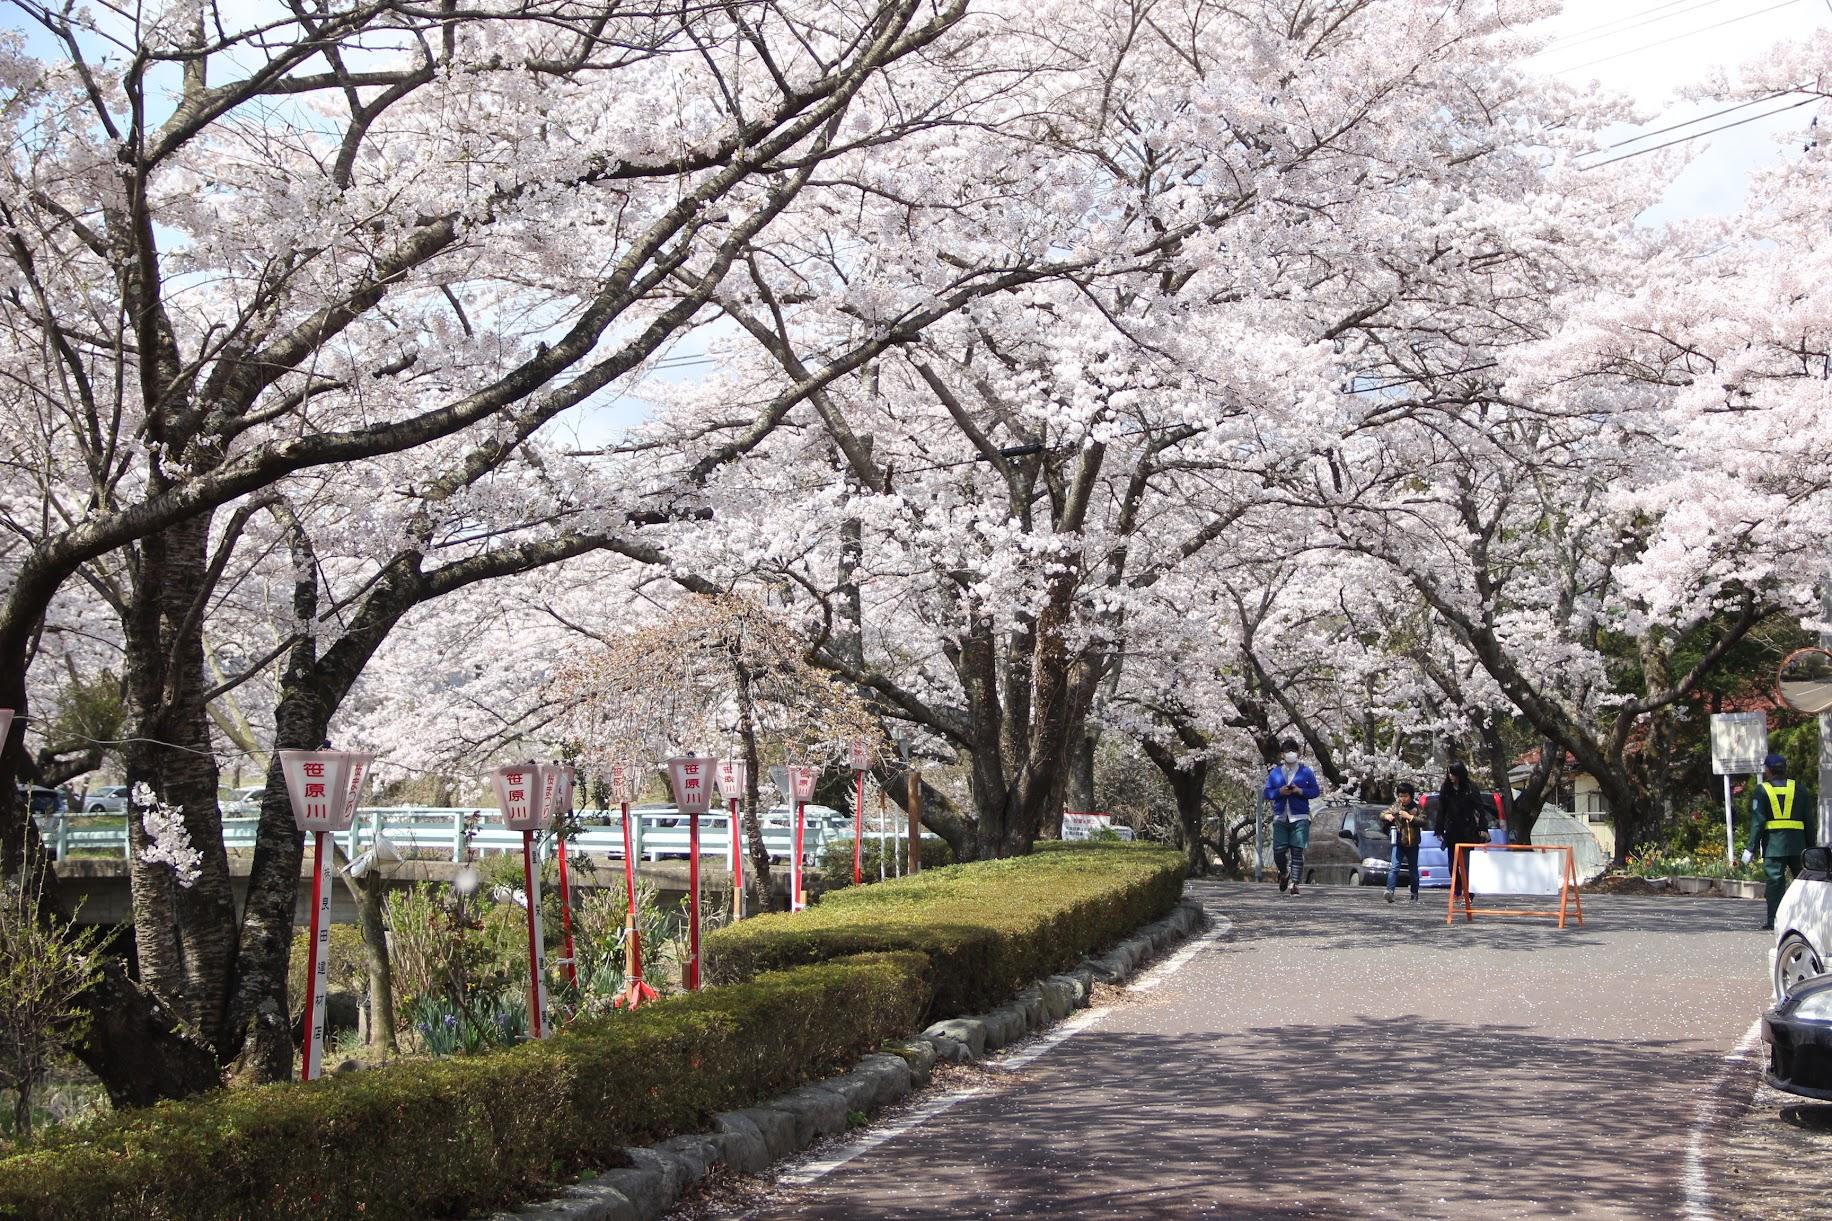 笹原川千本桜まつり | 郡山市の桜の名所 お花見スポット